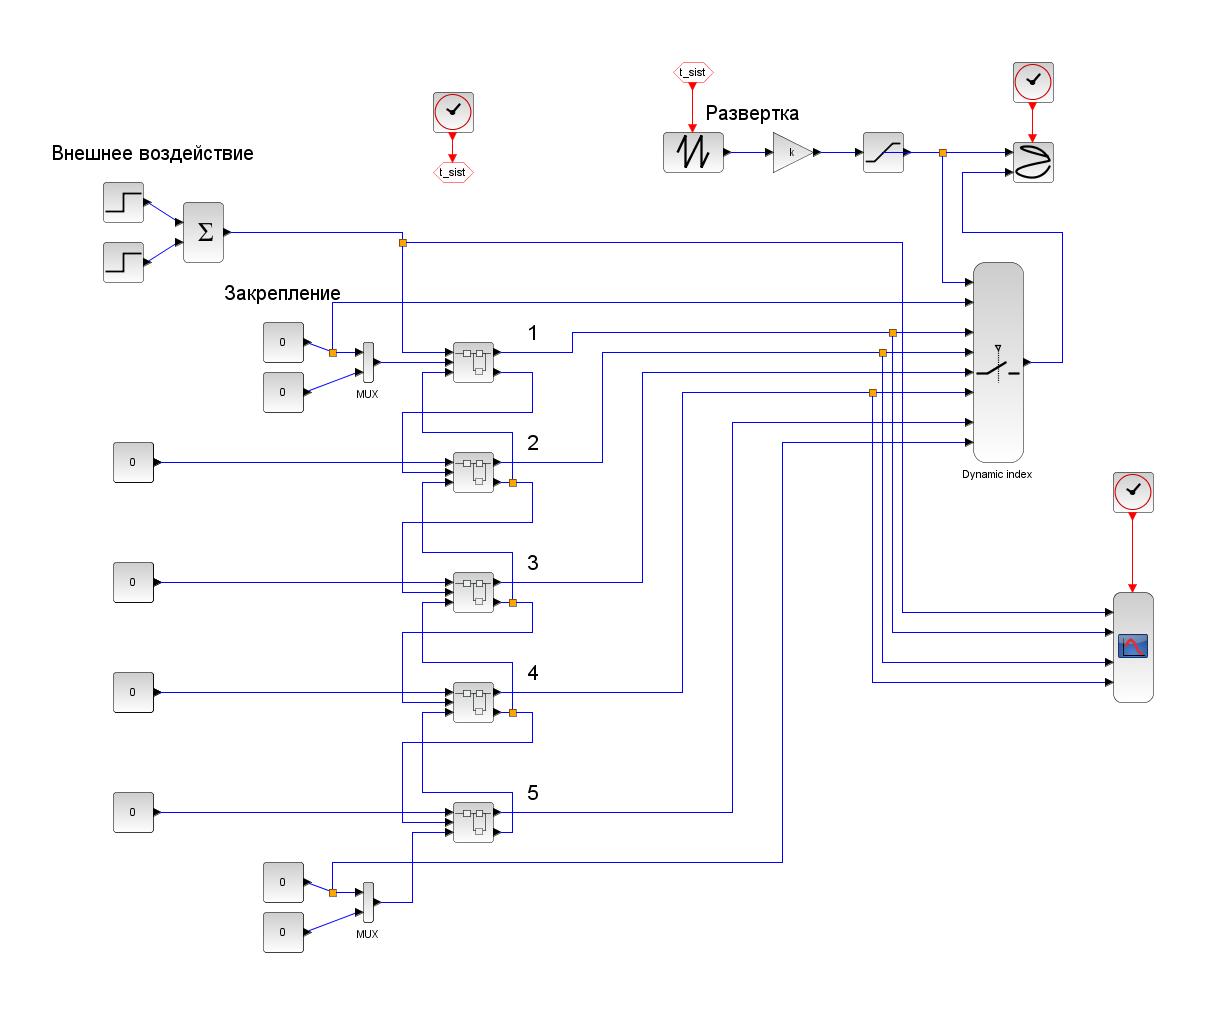 Симуляционное моделирование механической системы средствами визуального программирования ScilabXcos